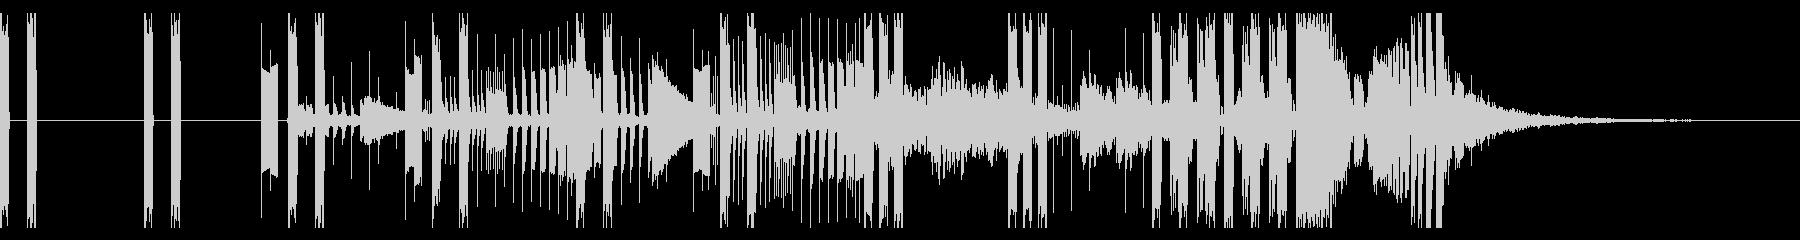 無機質で映像にマッチするエレクトロの未再生の波形